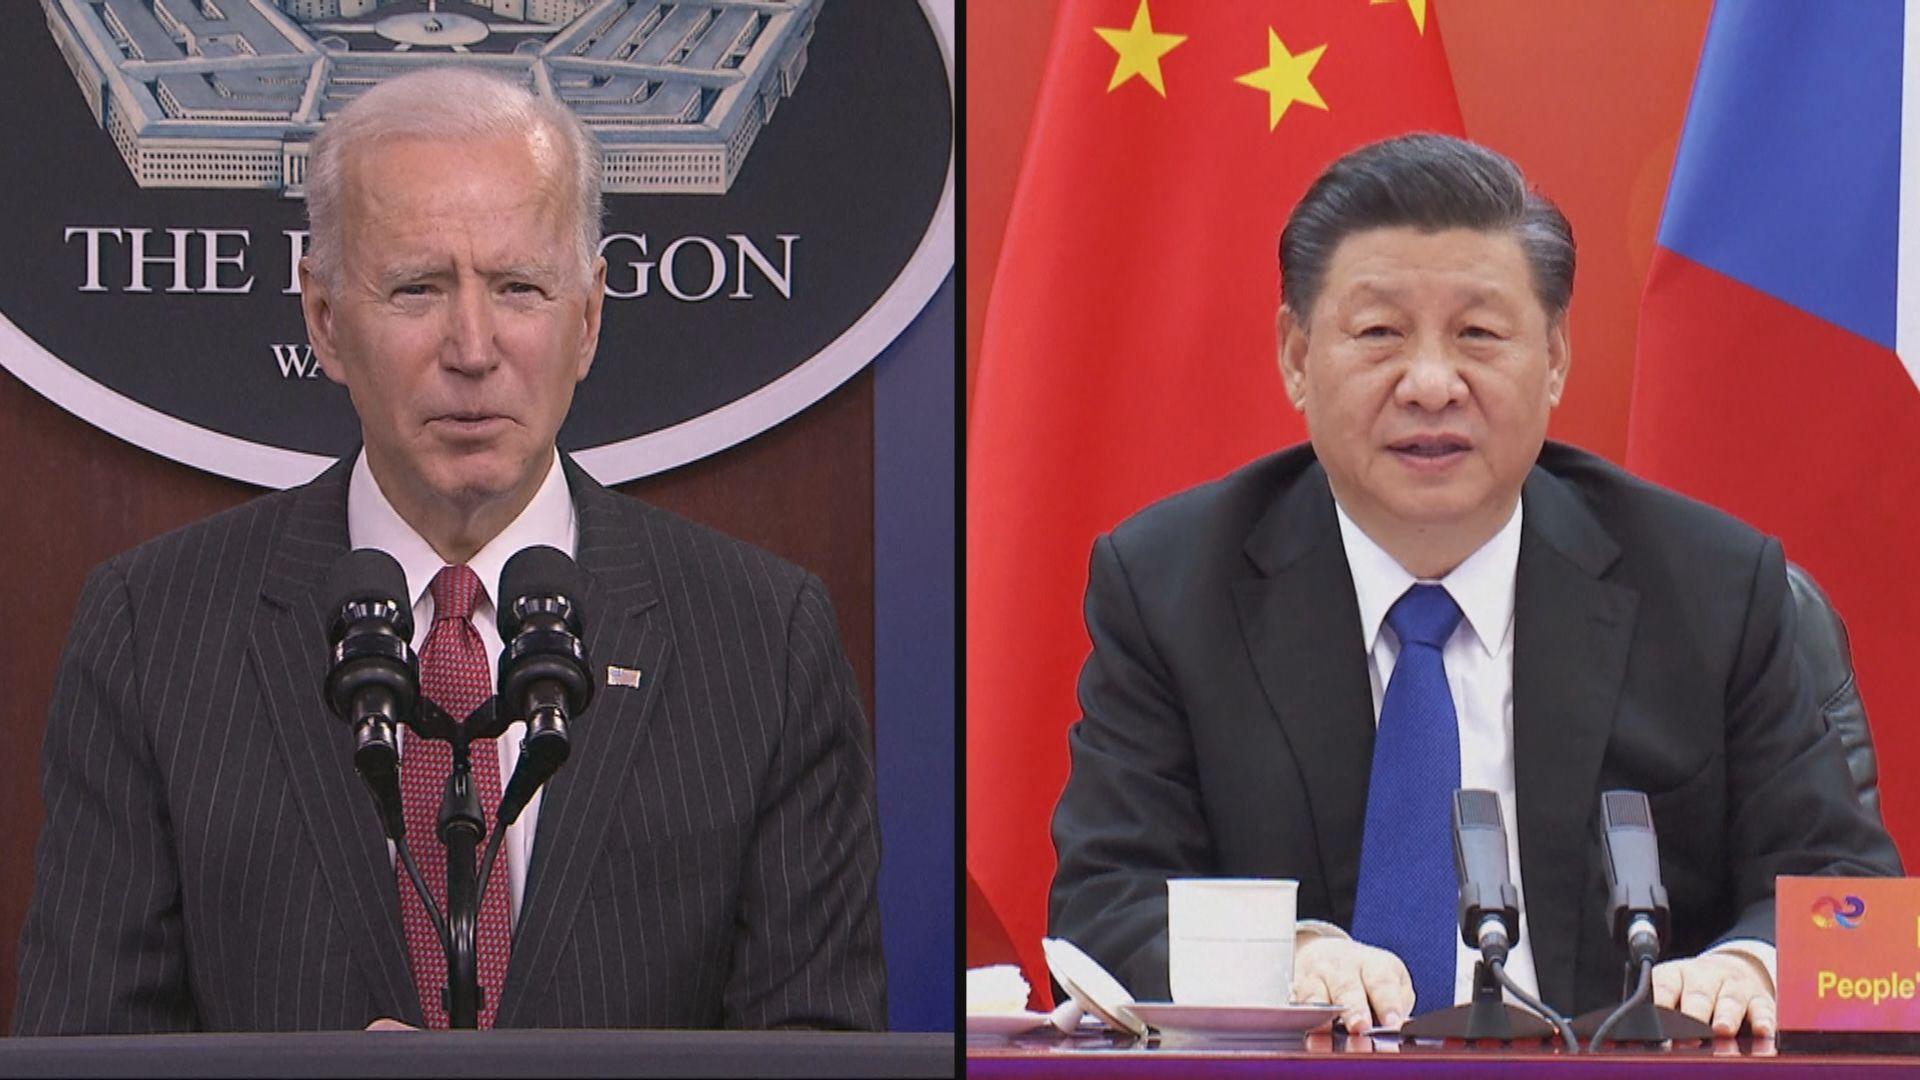 調查:七成美國人認為就算有損經濟都應促進中國人權